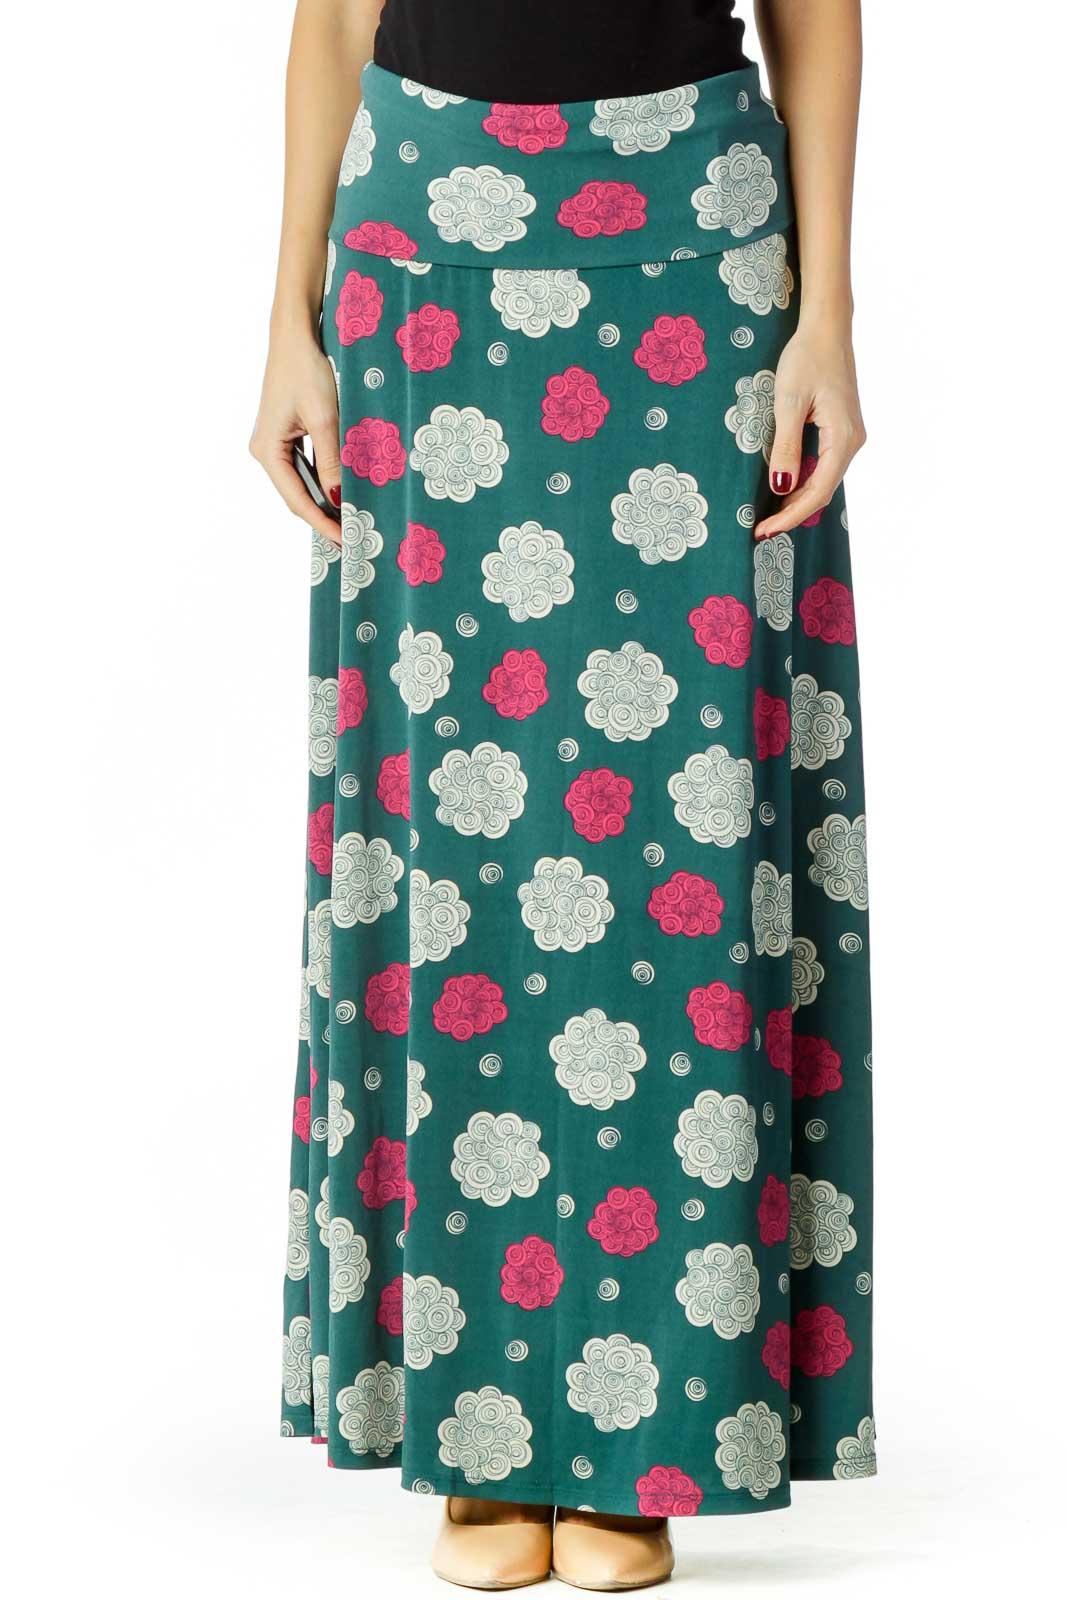 Green Cream Pink Maxi Skirt Front